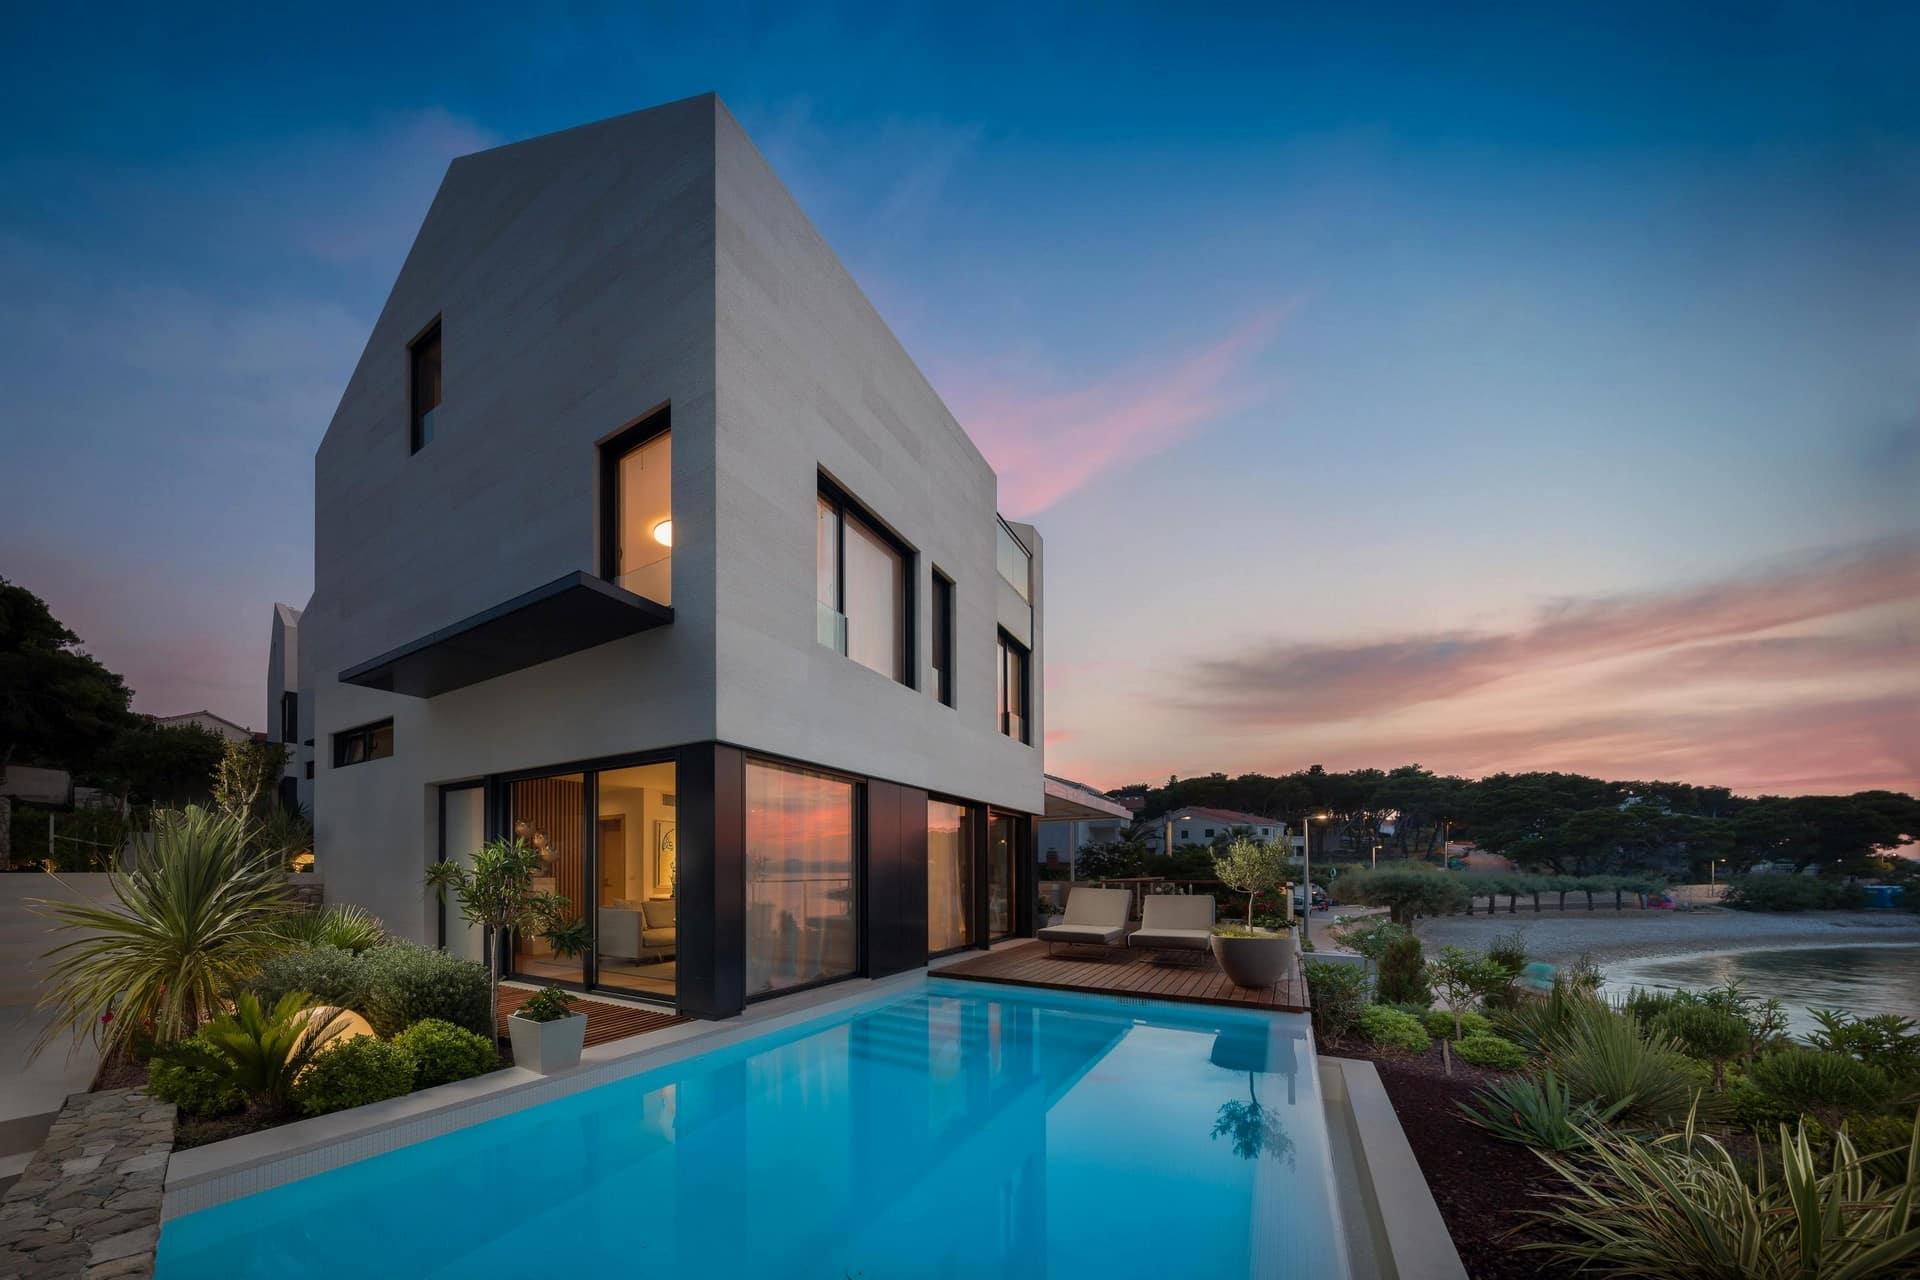 Luksuzna vila s bazenom i prekrasnim pogledom